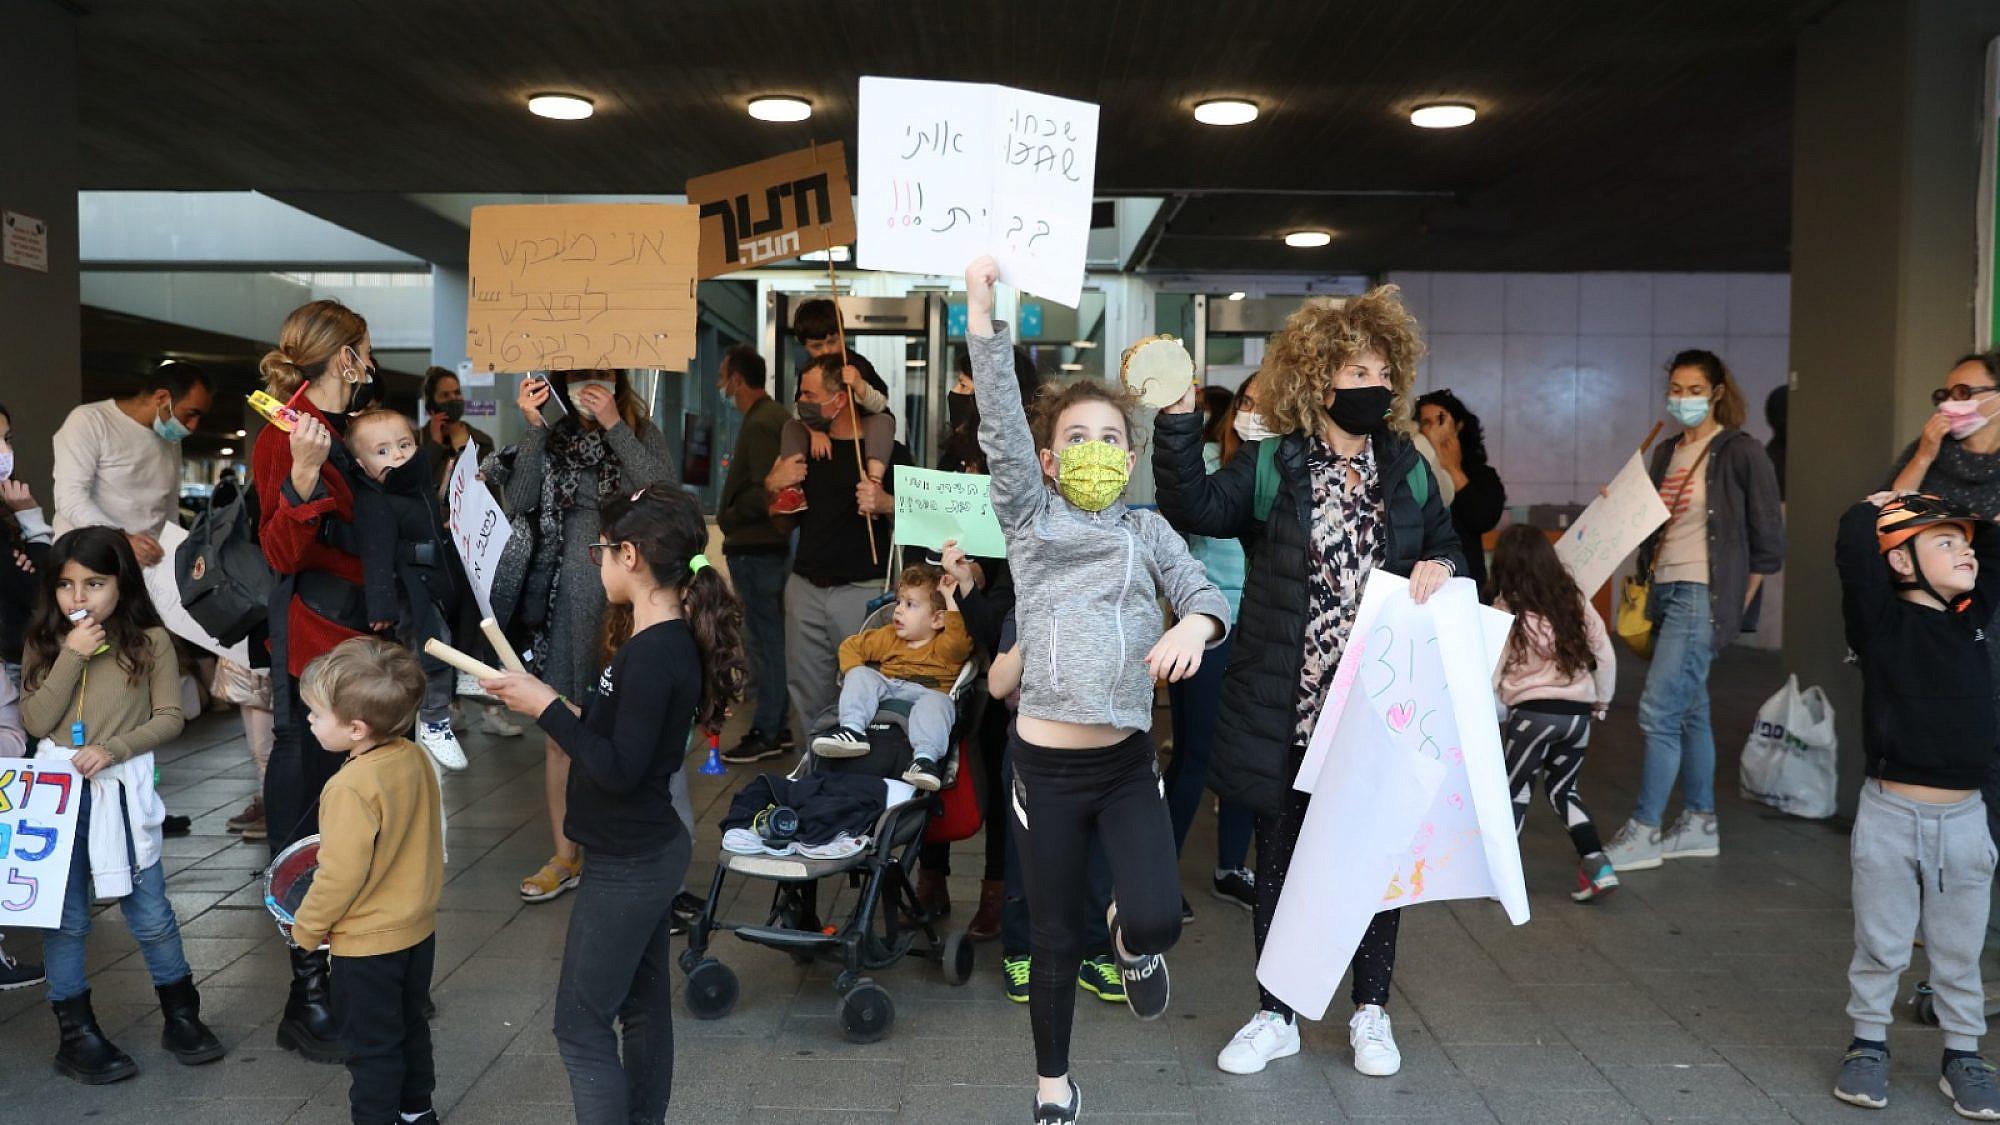 הילדים וההורים מפגינים, היום מחוץ לבית העירייה. צילום: דין אהרוני רולנד